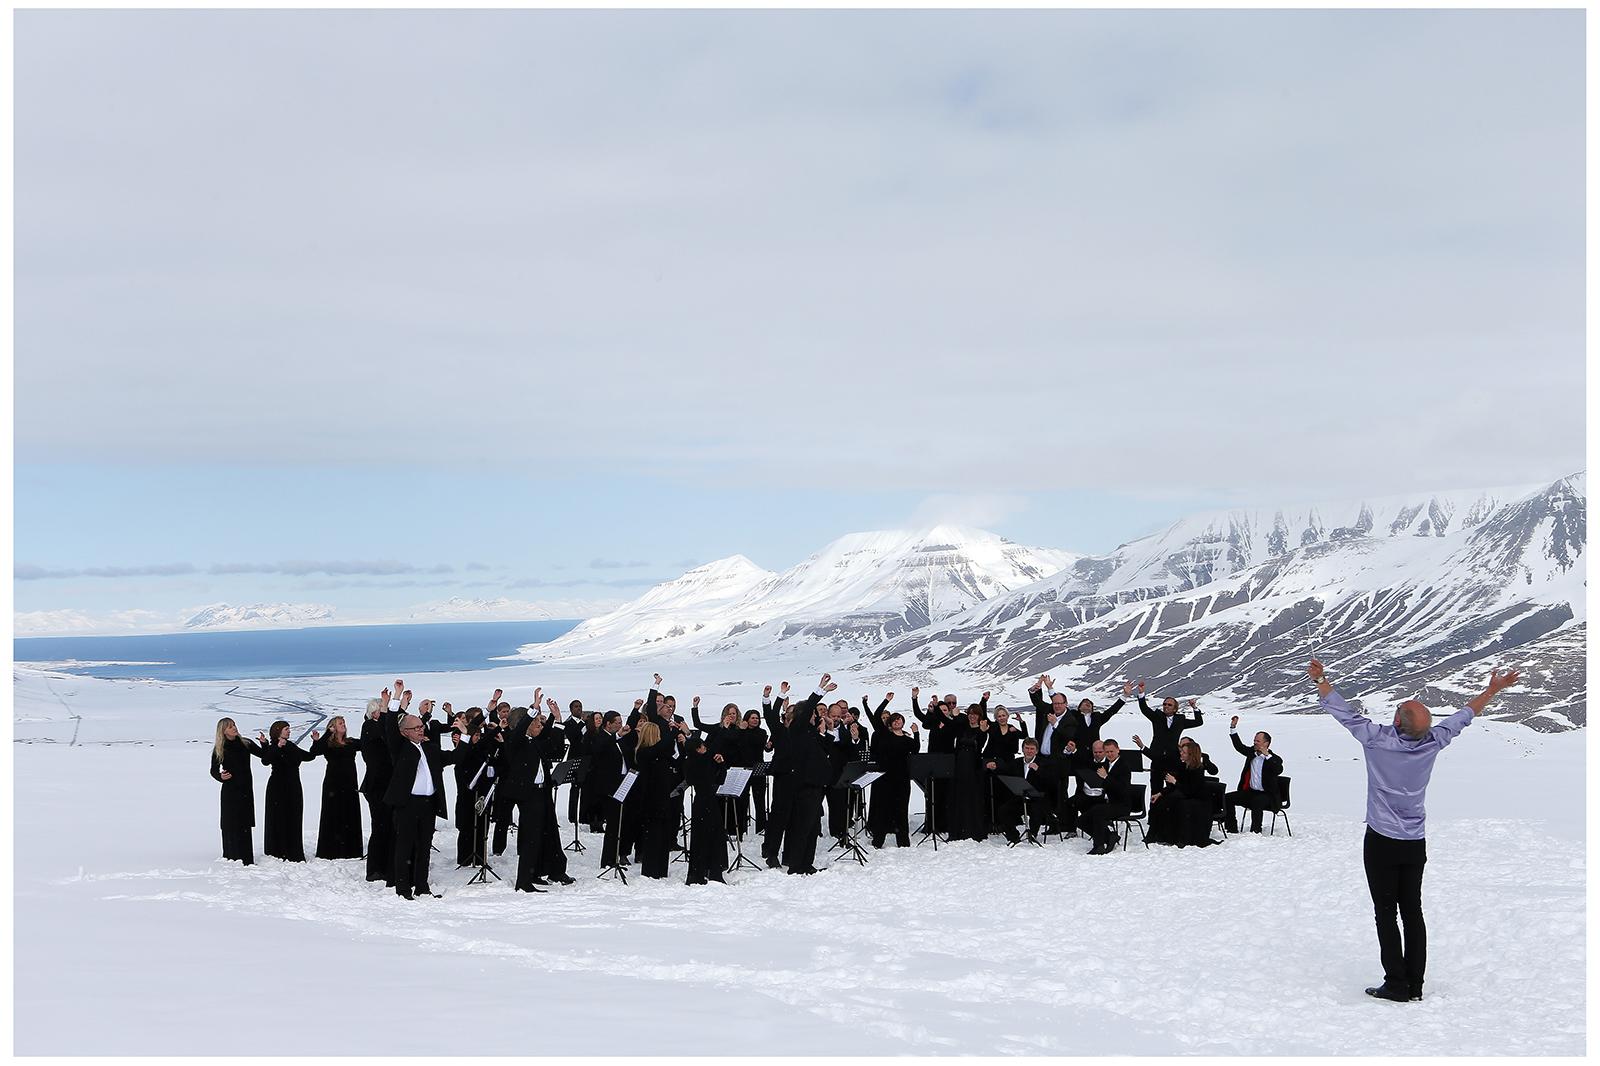 http://arkiv.klassiskmusikk.com/wp-content/uploads/2017/01/NOSO-Svalbard-120.jpg